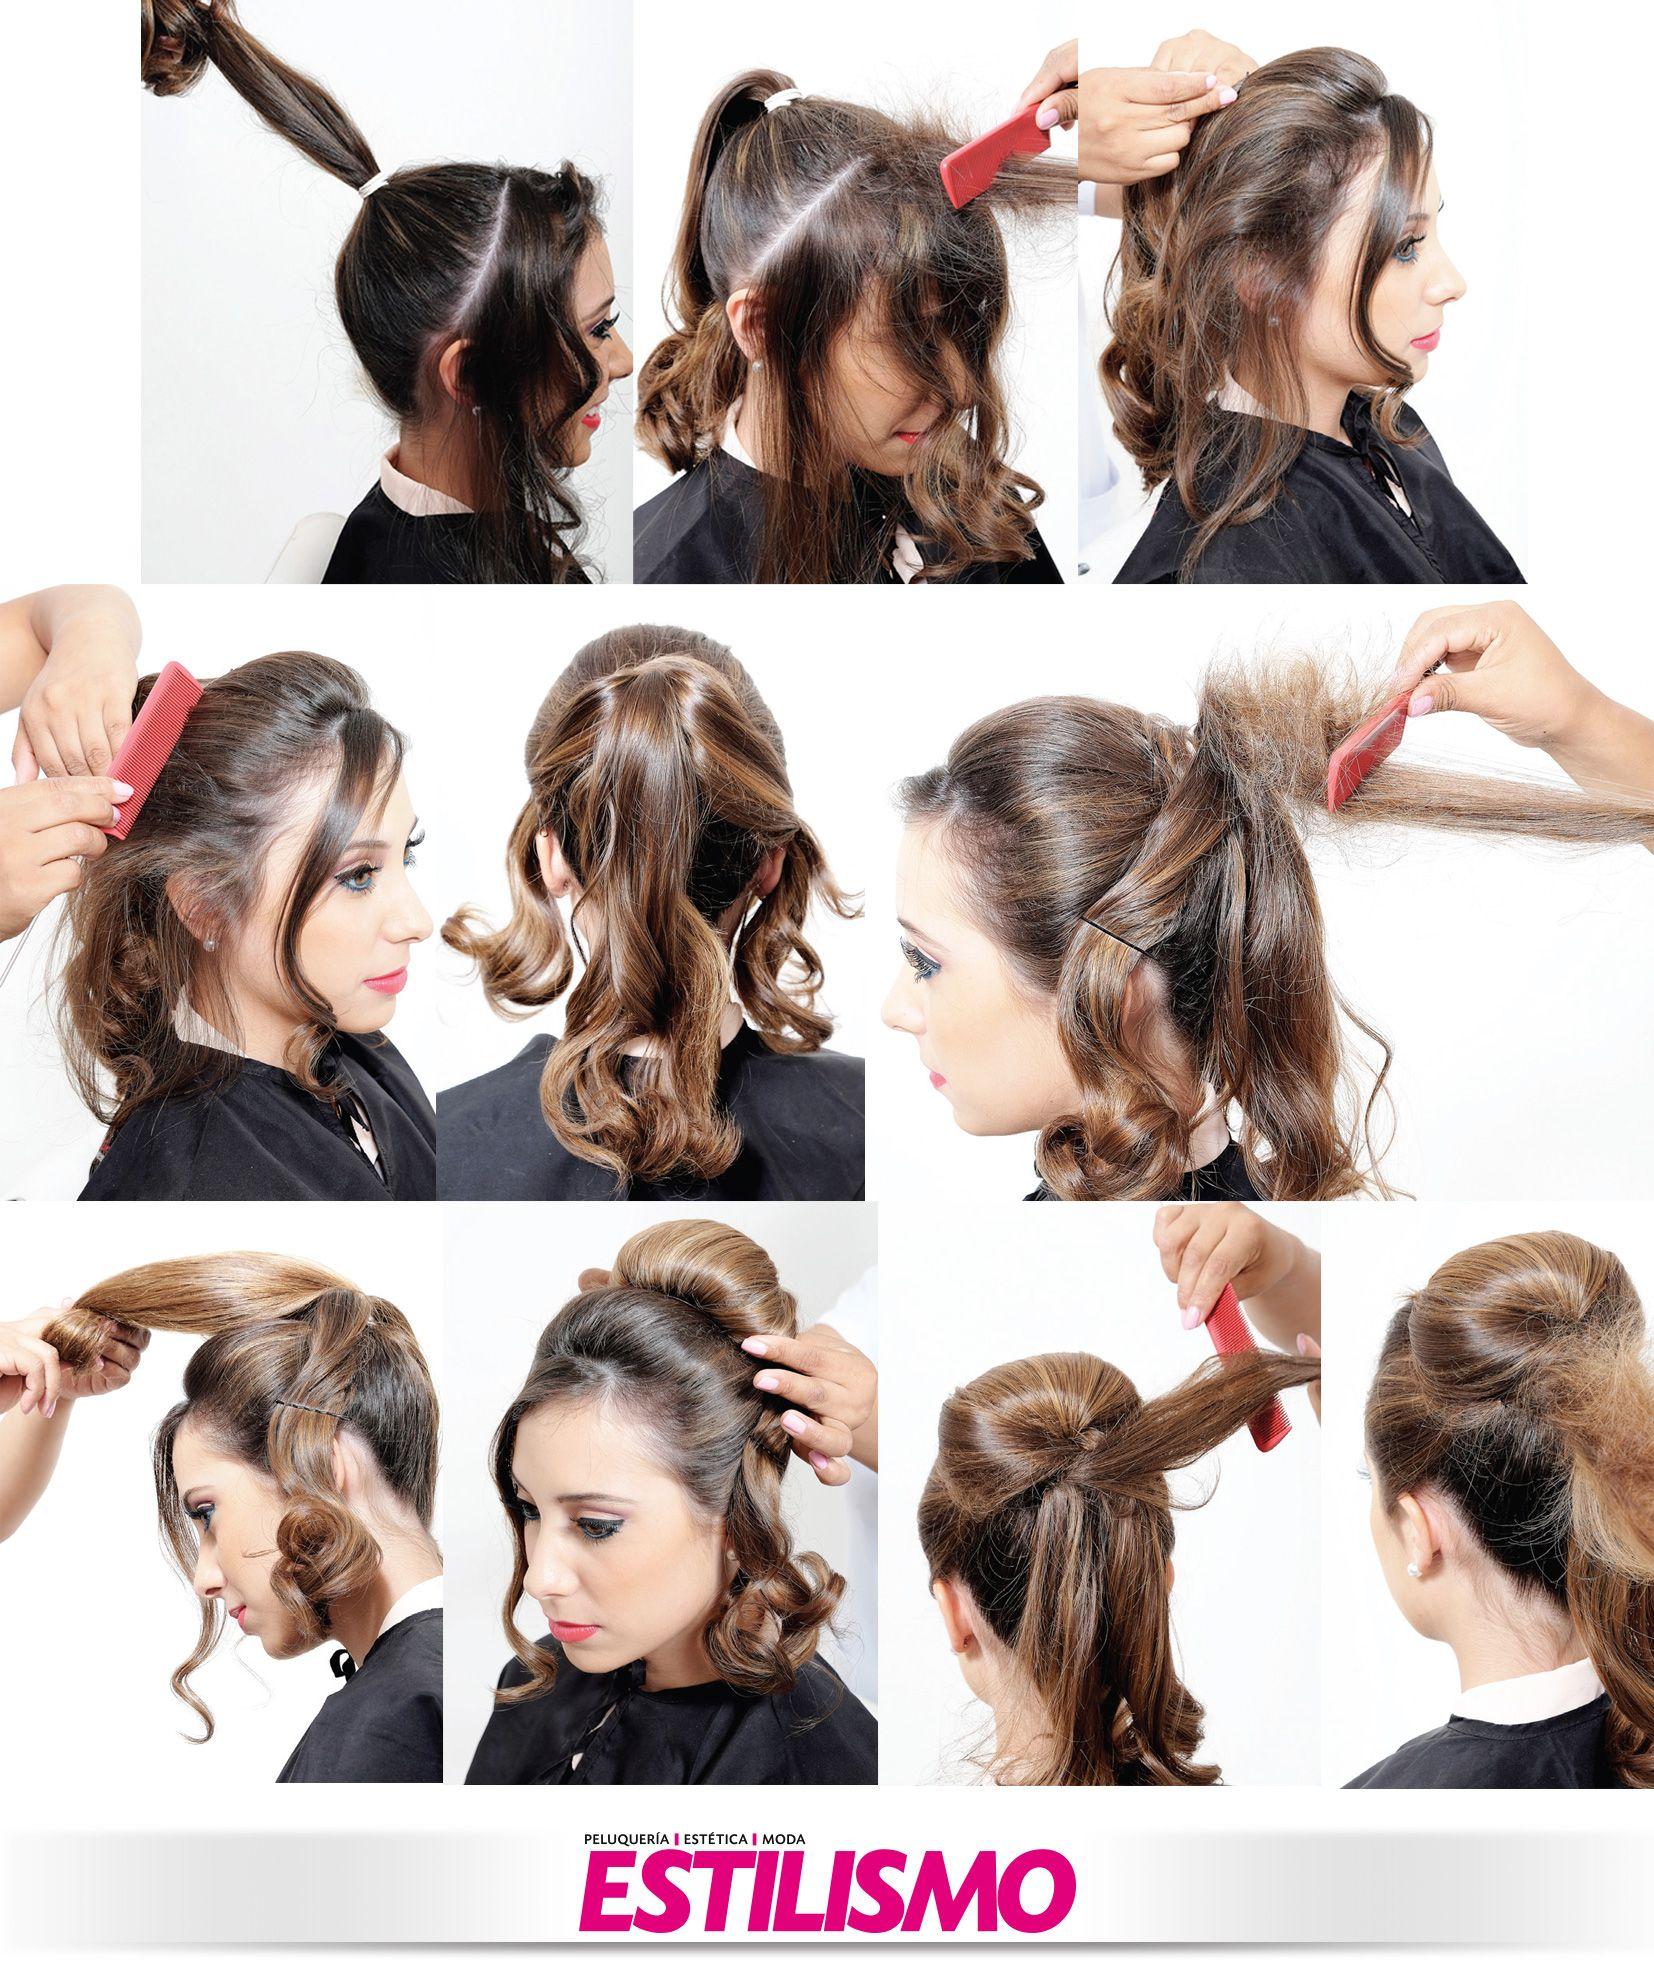 previo preparado de la cabellera con tenacillas medianas y producto fijador recoger el cabello en una coleta bien fija dejando toda la parte frontal - Peinados Con Tenacillas